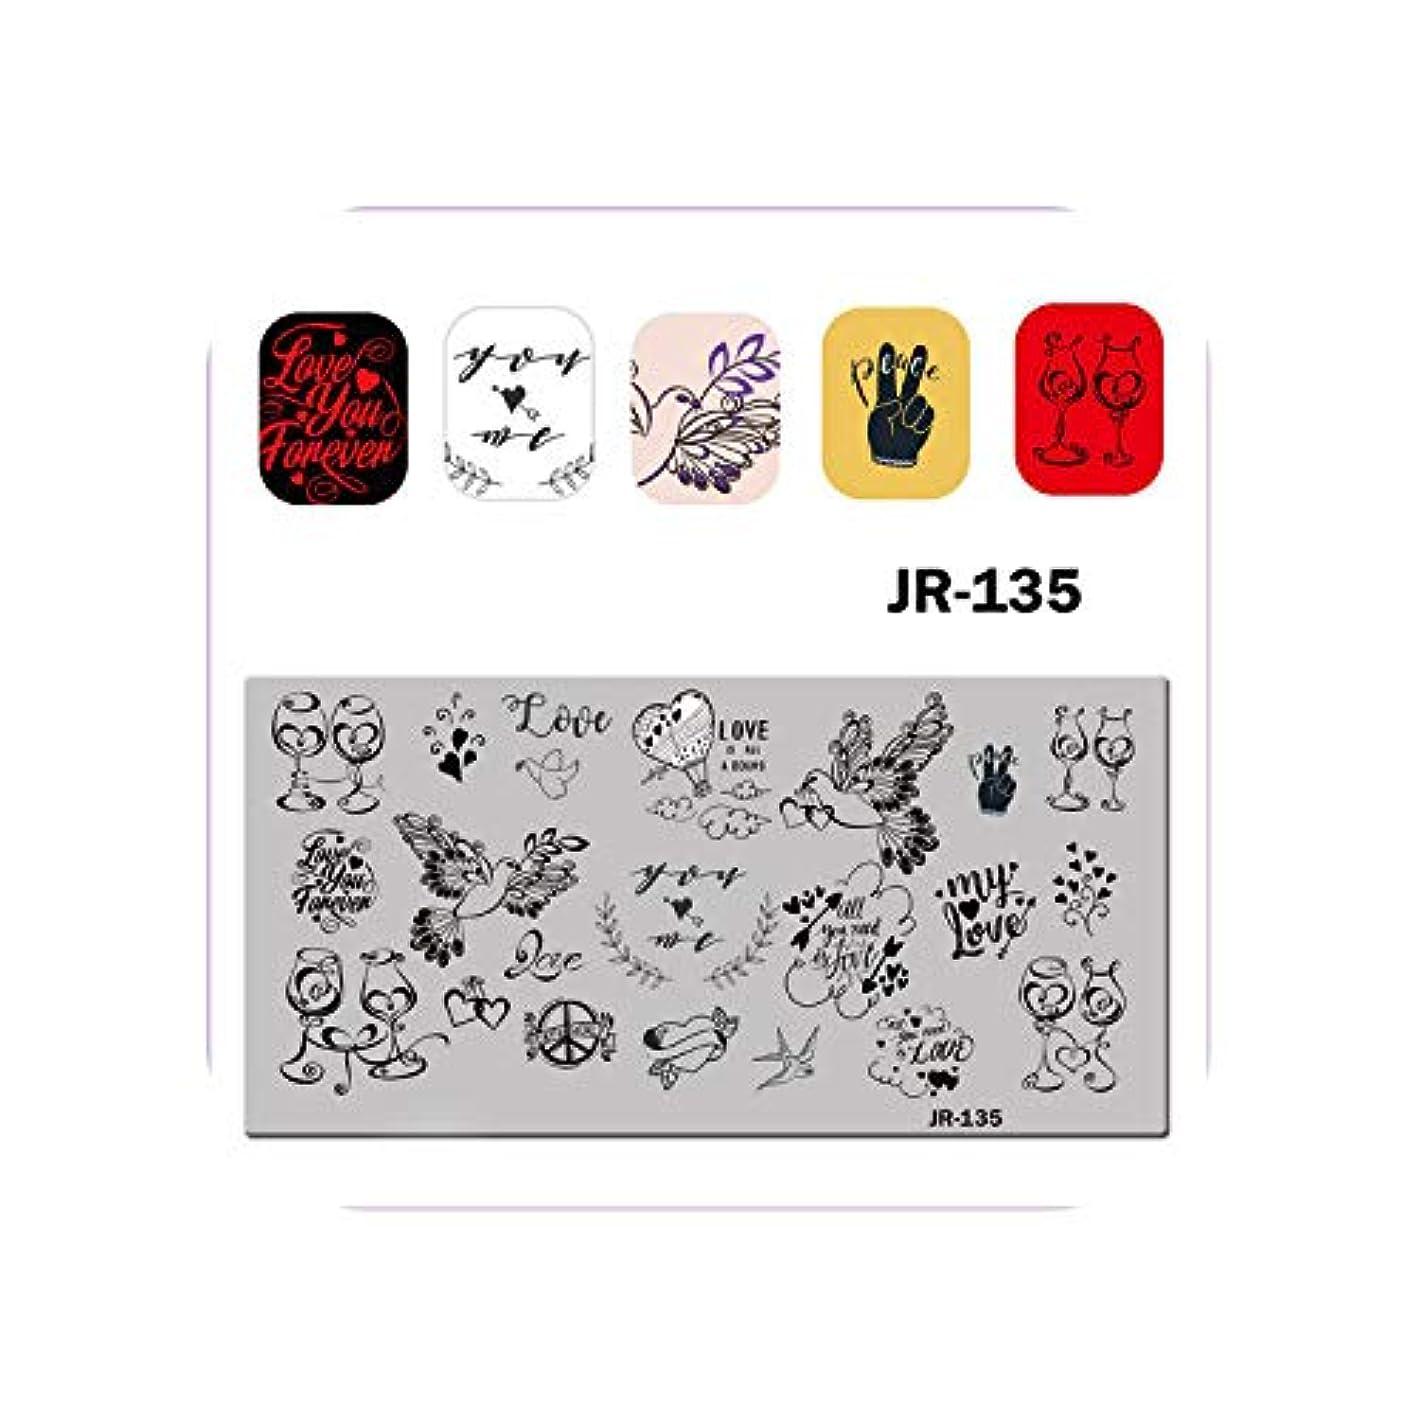 冊子数字悲鳴2019ステンレス鋼スタンピングプレートテンプレート鳥フクロウピジョン幾何学的な花ロシア語テキストクリスマスヴィンテージネイルツールJR131 140,JR135